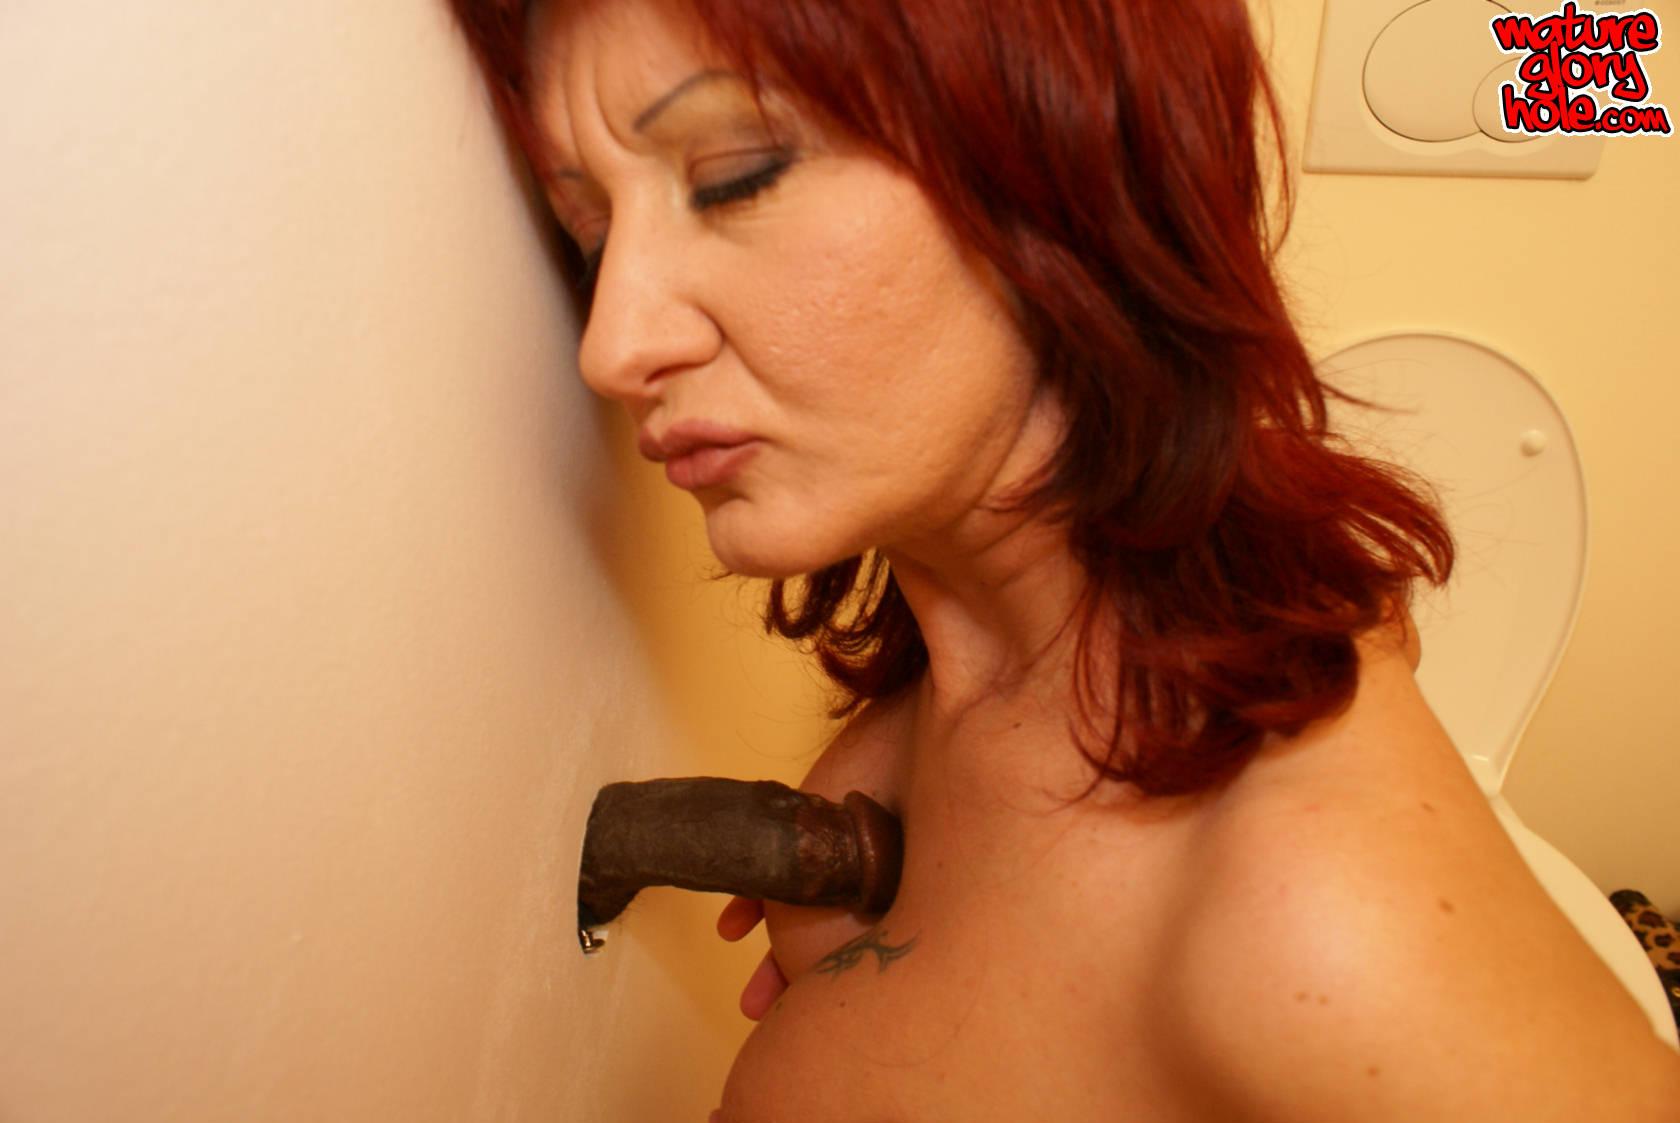 Redhead slut loves sucking mature cock